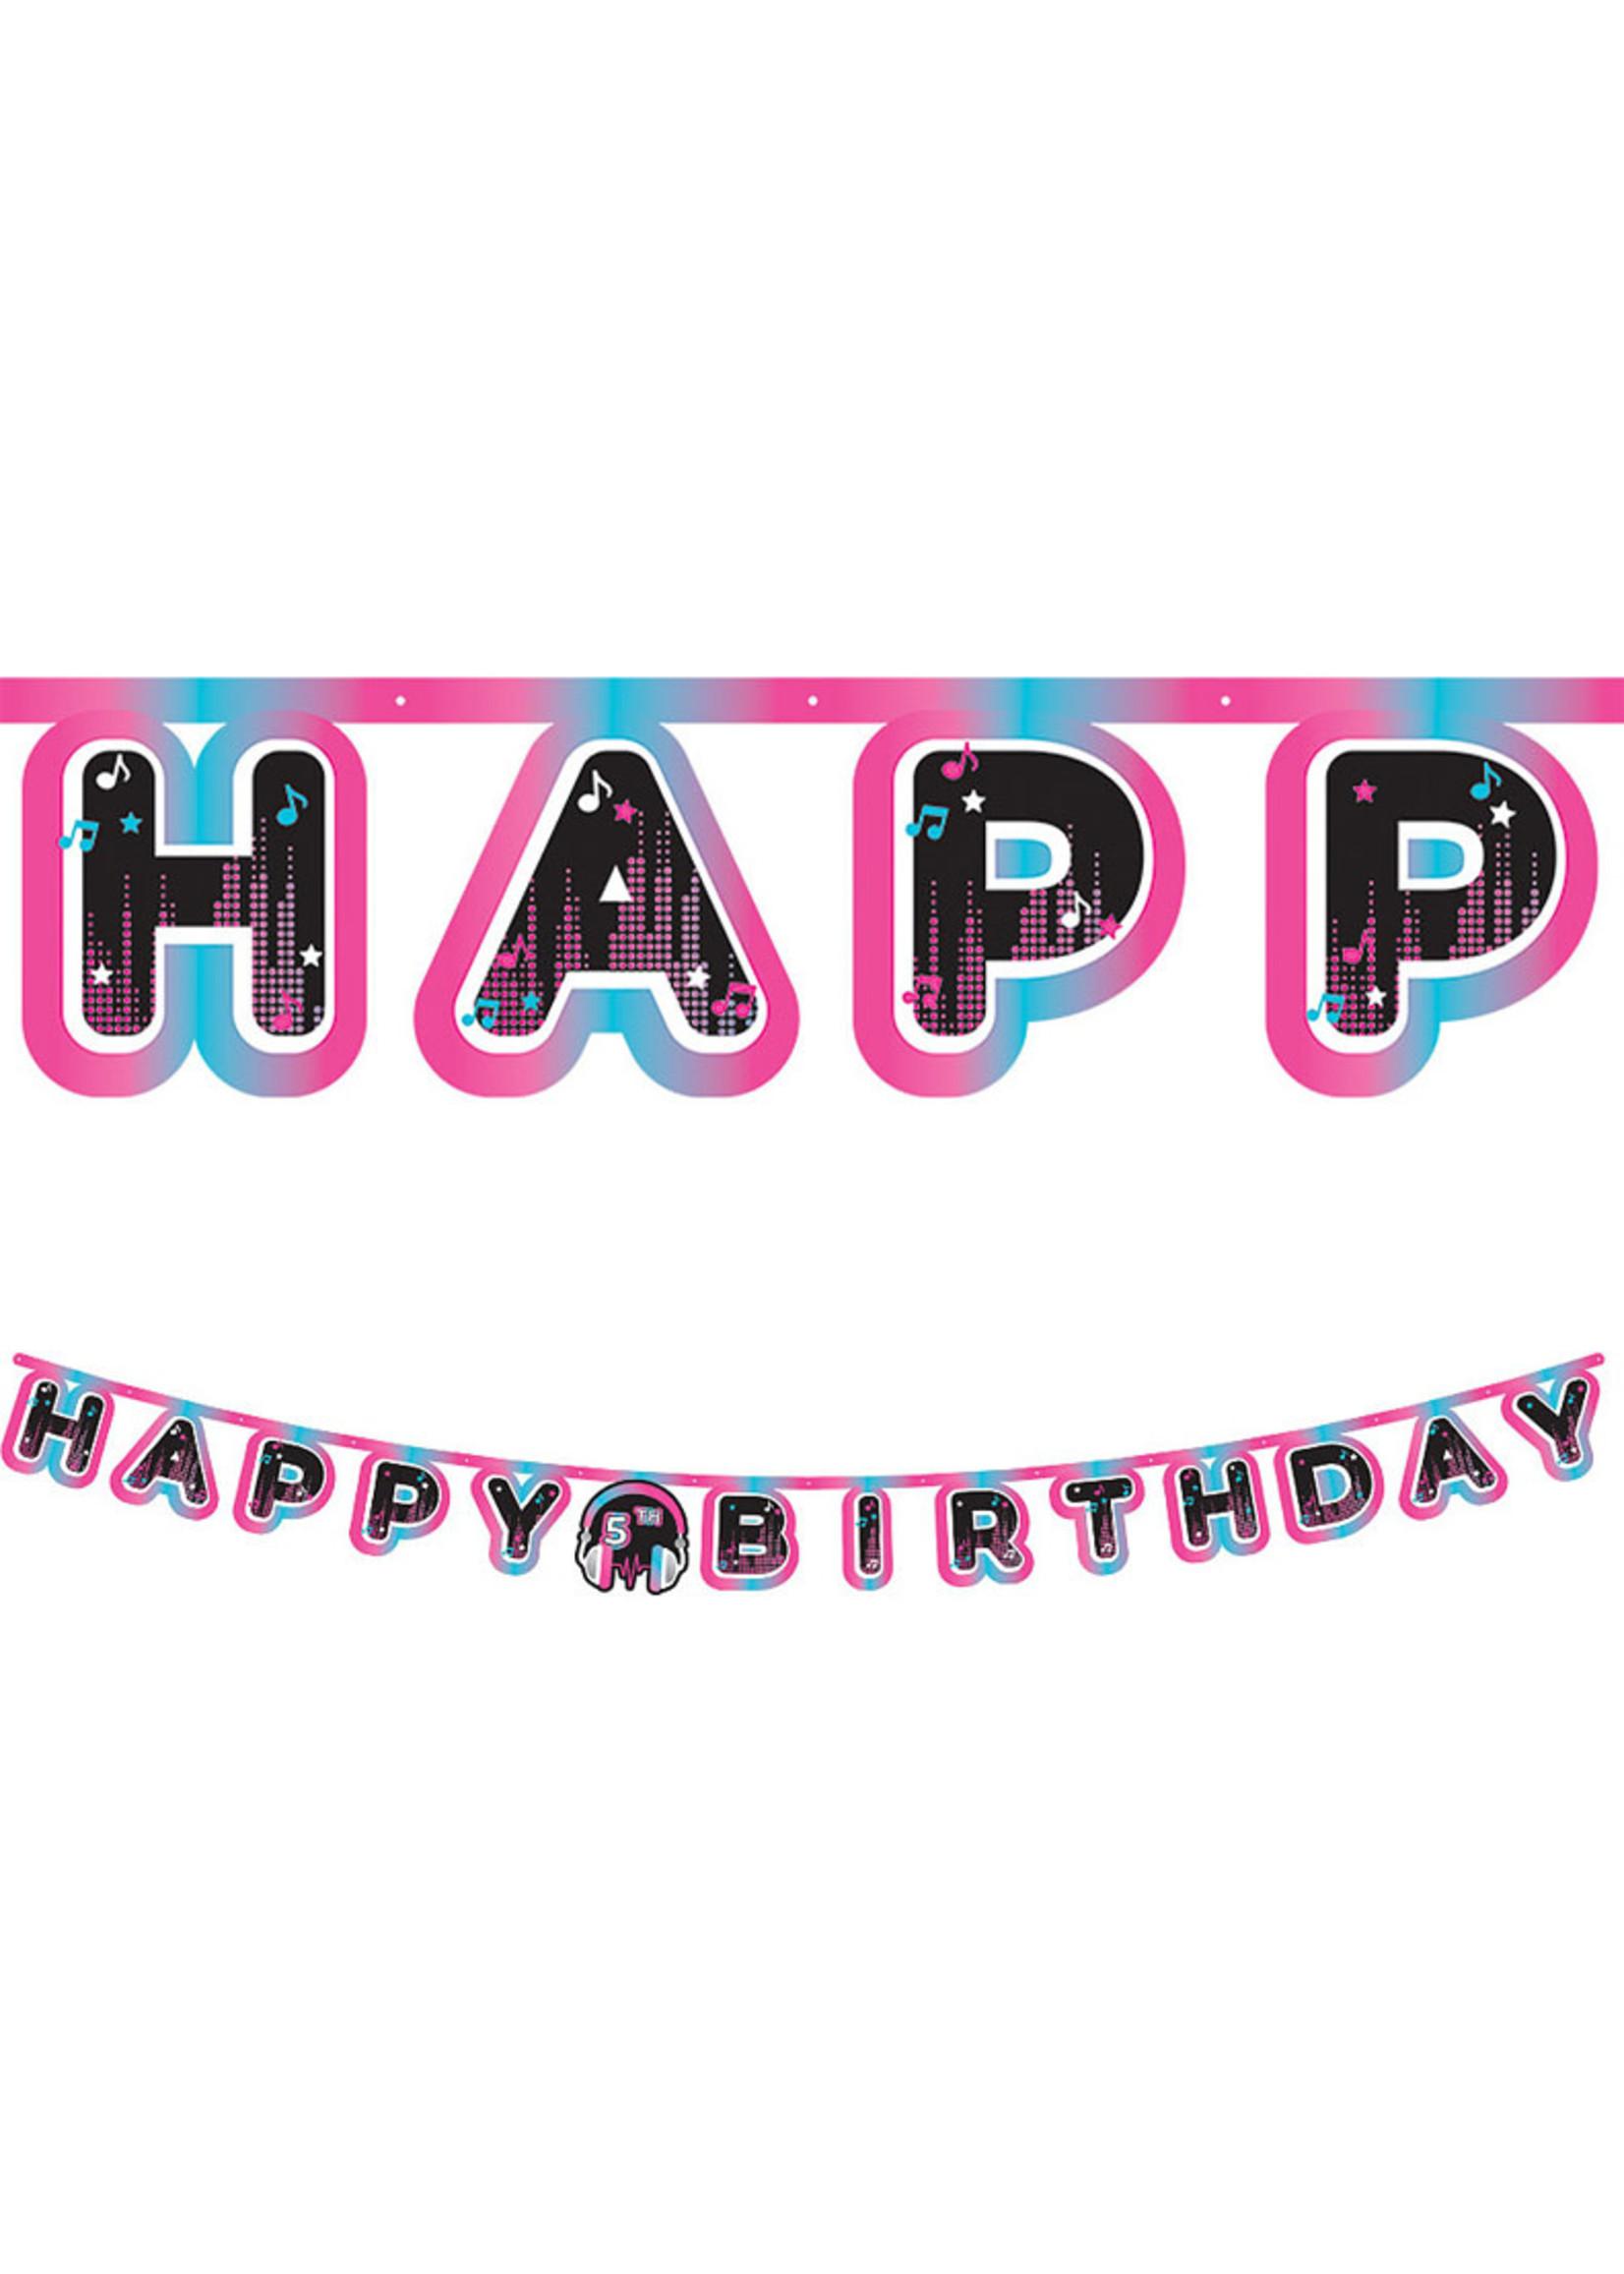 Internet Famous Birthday Banner Kit